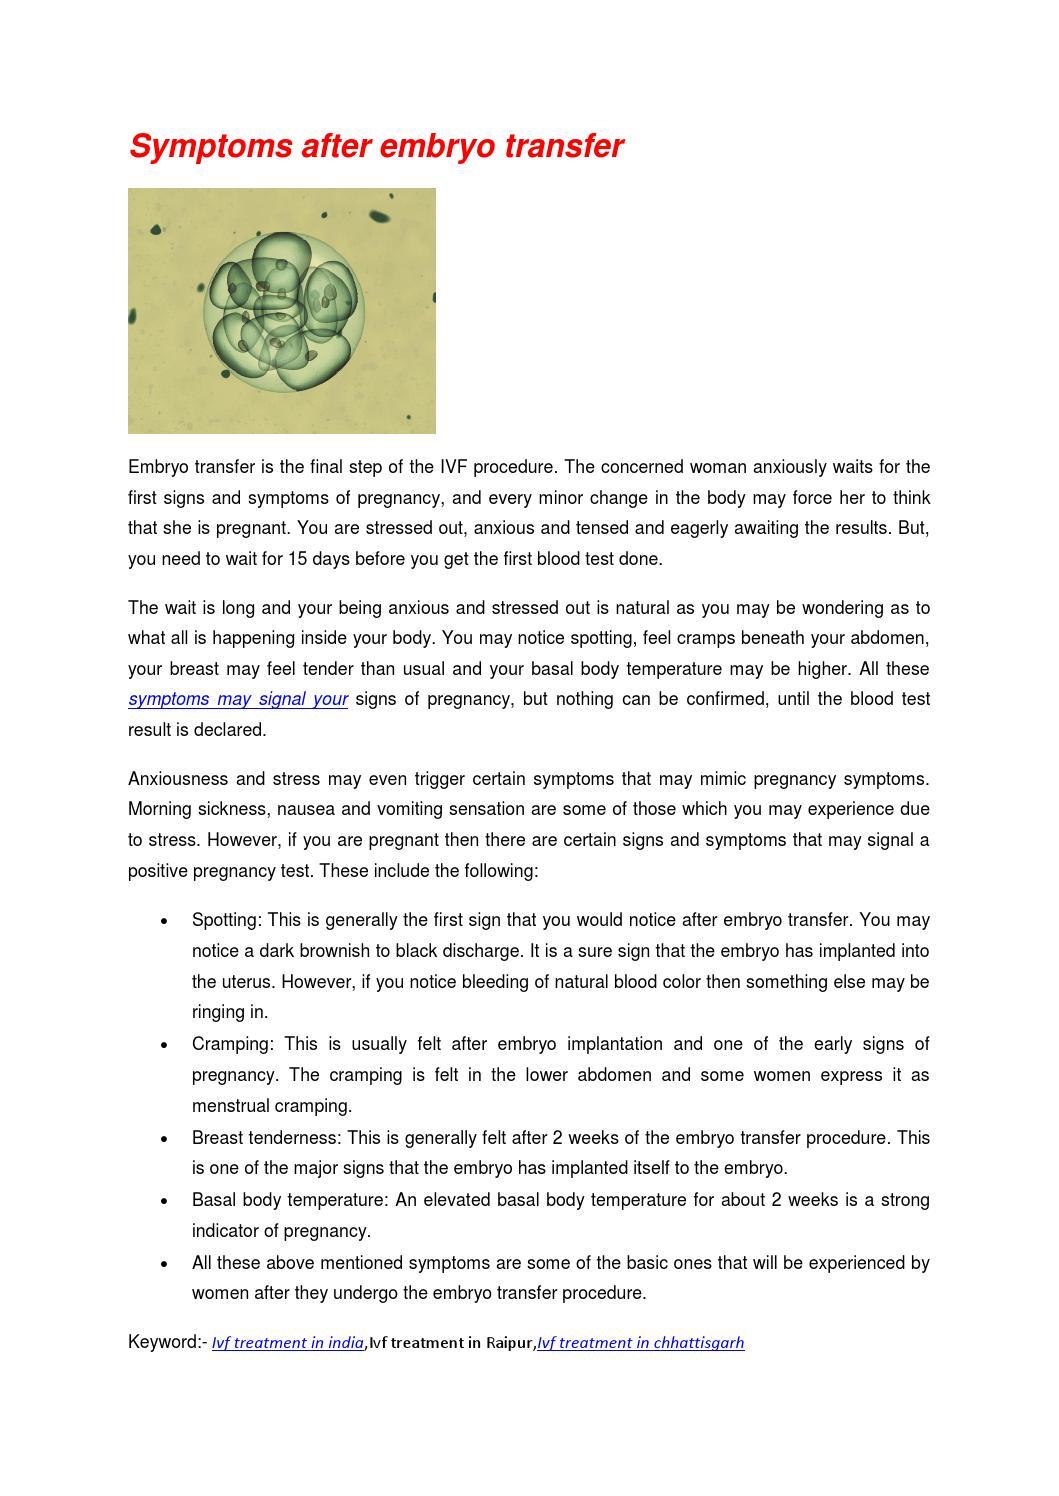 Symptoms after embryo transfer by Amisha - issuu